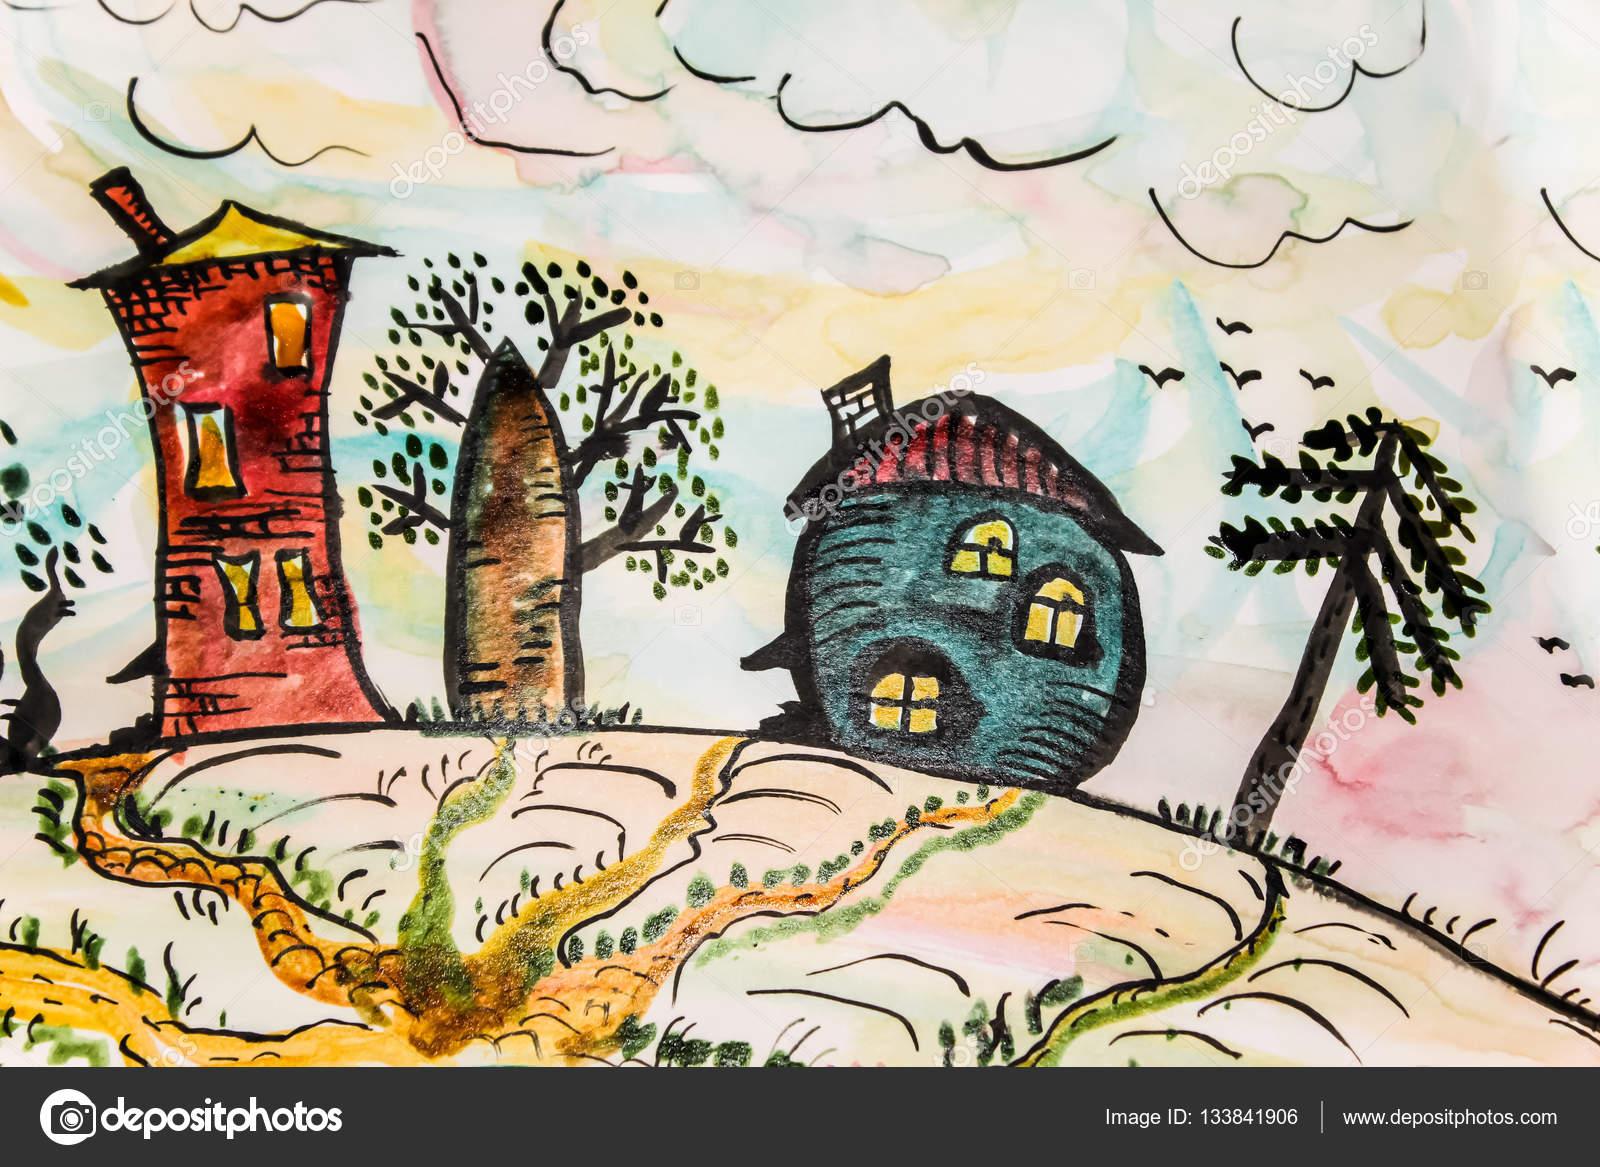 Disegno Di Un Bambino : Disegno di un bambino con case astrazione creativity.6 u2014 foto